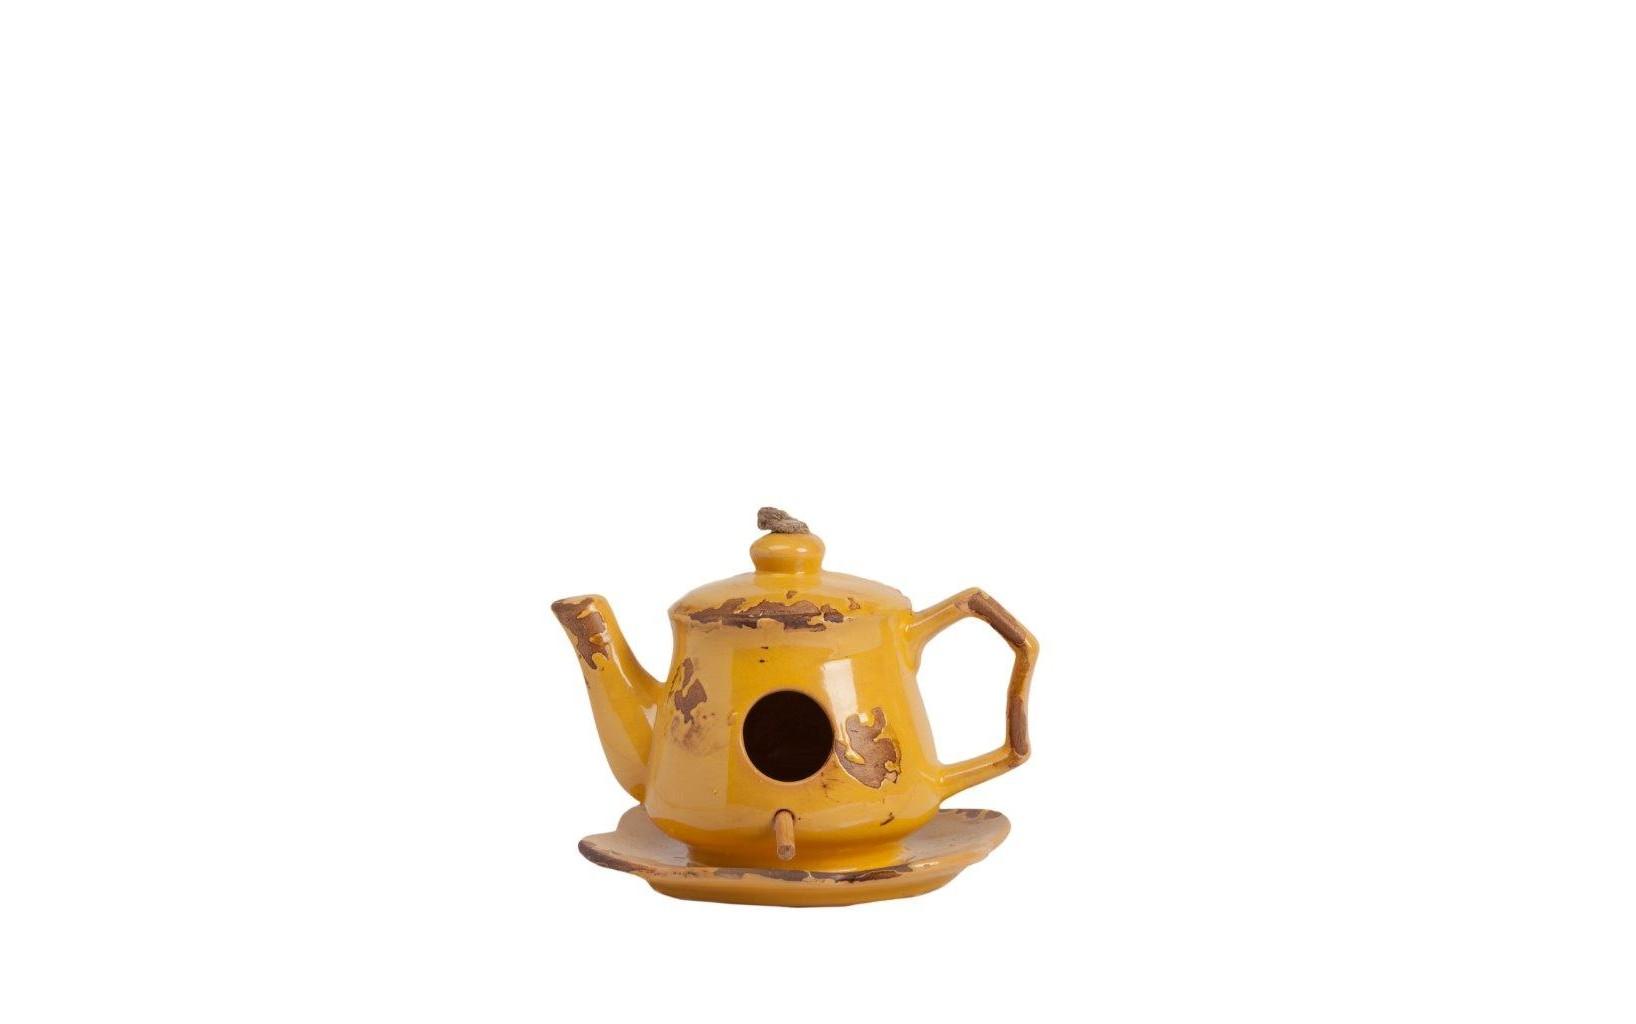 Aромолампа CandeleroАроматические лампы<br>Жёлтая аромалампа Candelero Yellow используется для ароматизации помещений, а если эта лампа выполнена в стиле Прованс: с искусственными потертостями и декоративными элементами, то она способна украсить собой ваш дом и создать в нем романтическую атмосферу. Благодаря аксессуару и нескольким каплям эфирных масел вы сможете снять напряжение, расслабиться после трудного рабочего дня и просто отдохнуть. Станет отличным подарком ценителю красивых вещей. Расставьте по помещениям вашего дома аромалампы разных цветов из коллекции Candelero — и он наполнится благоуханием!<br><br>Material: Керамика<br>Ширина см: 17<br>Высота см: 12<br>Глубина см: 15